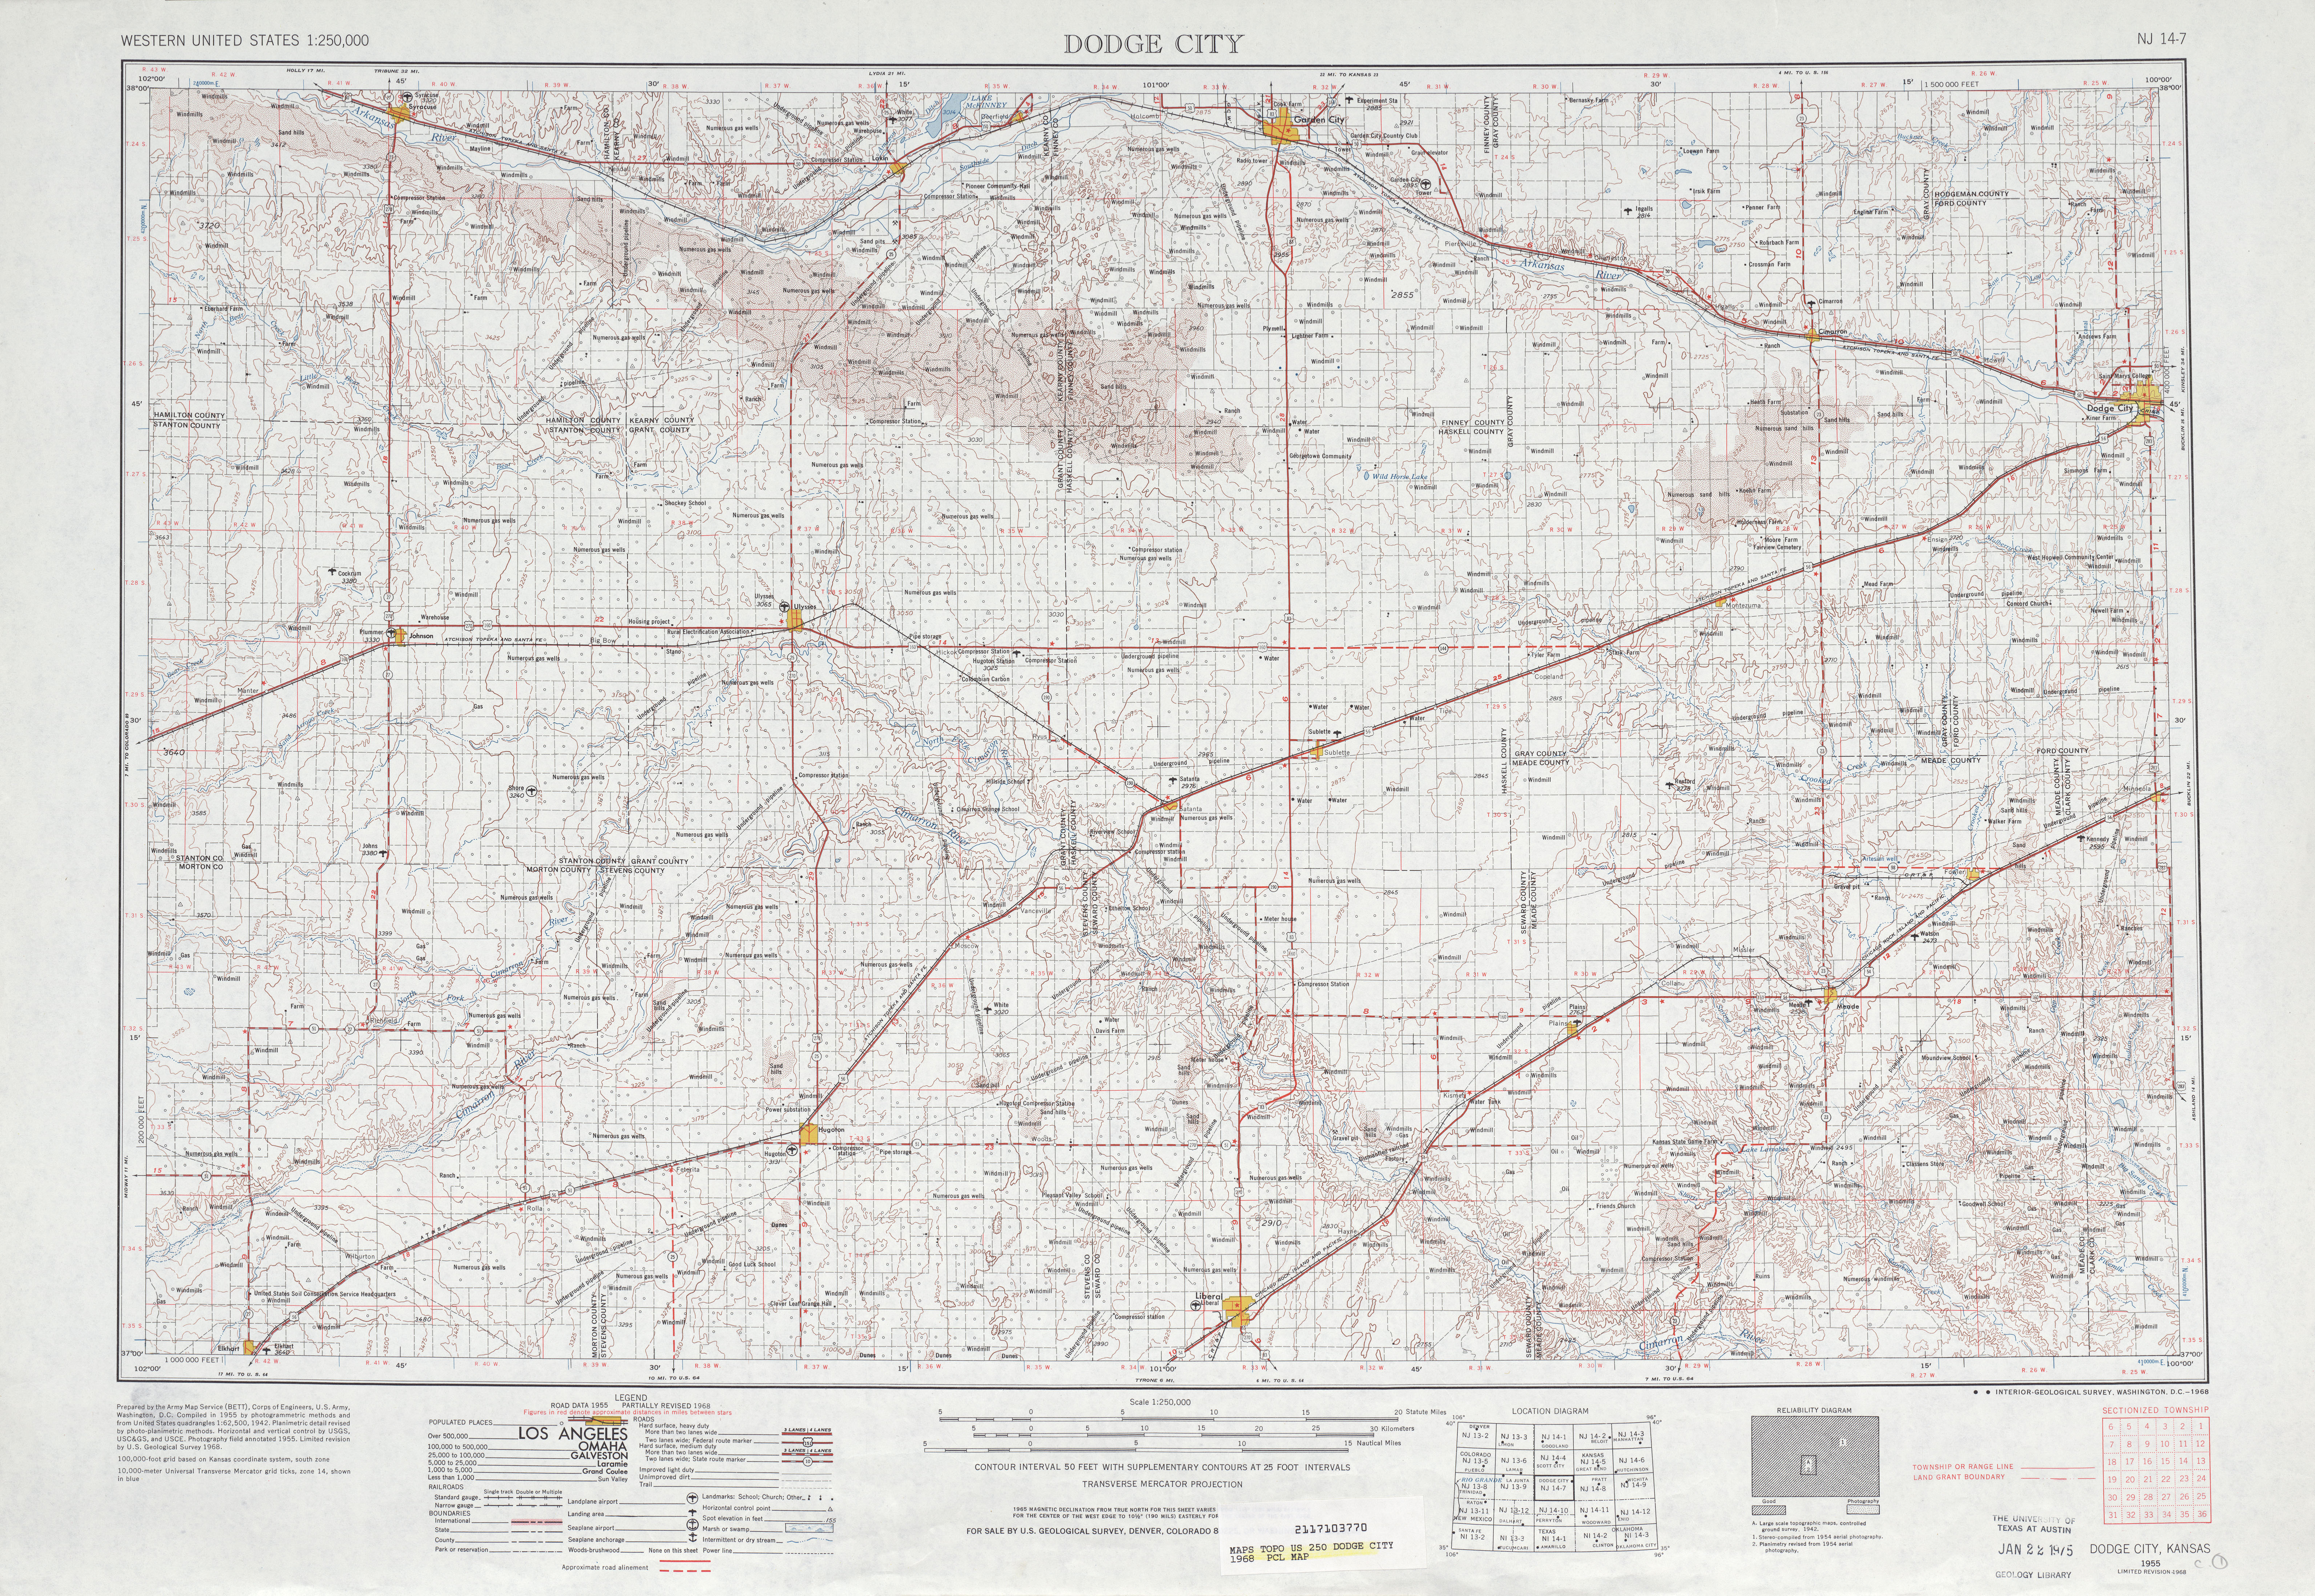 Hoja Dodge City del Mapa Topográfico de los Estados Unidos 1968